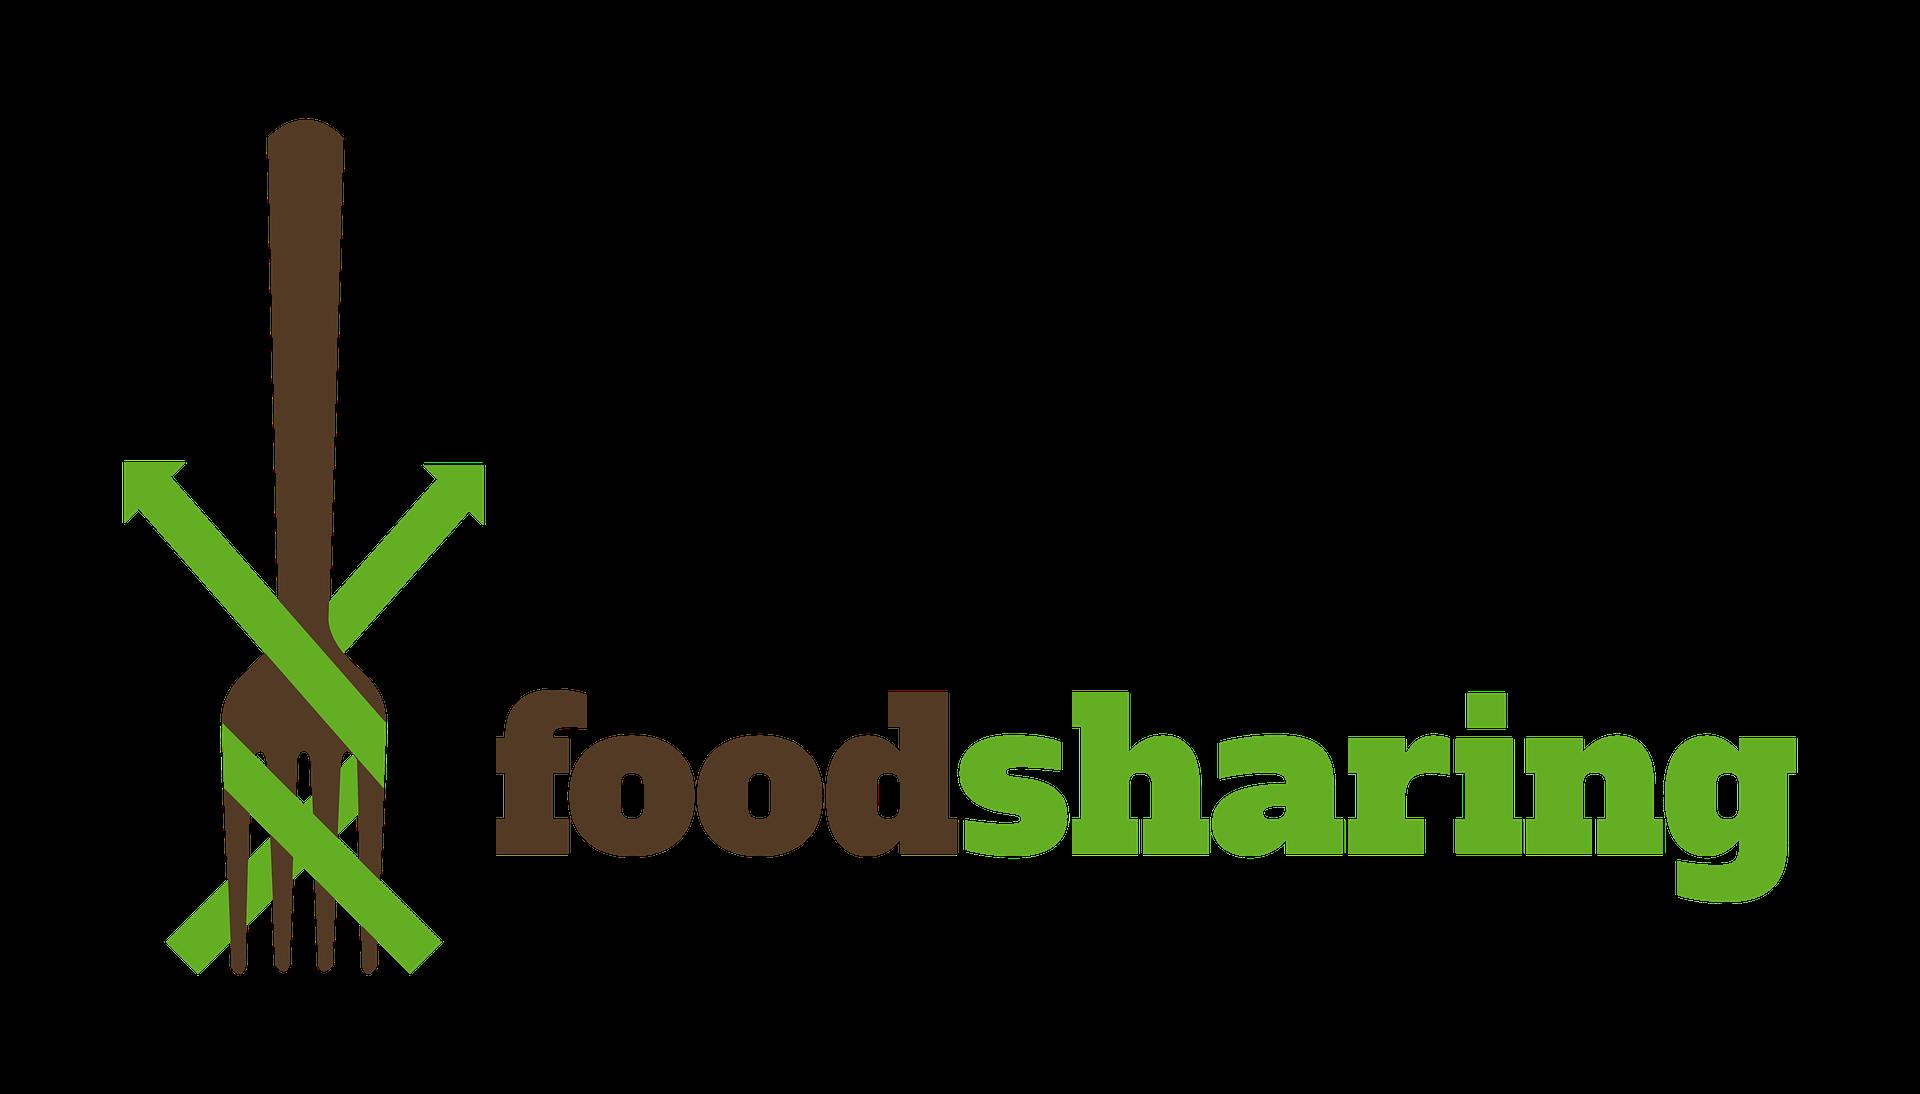 foodsharing Berlin